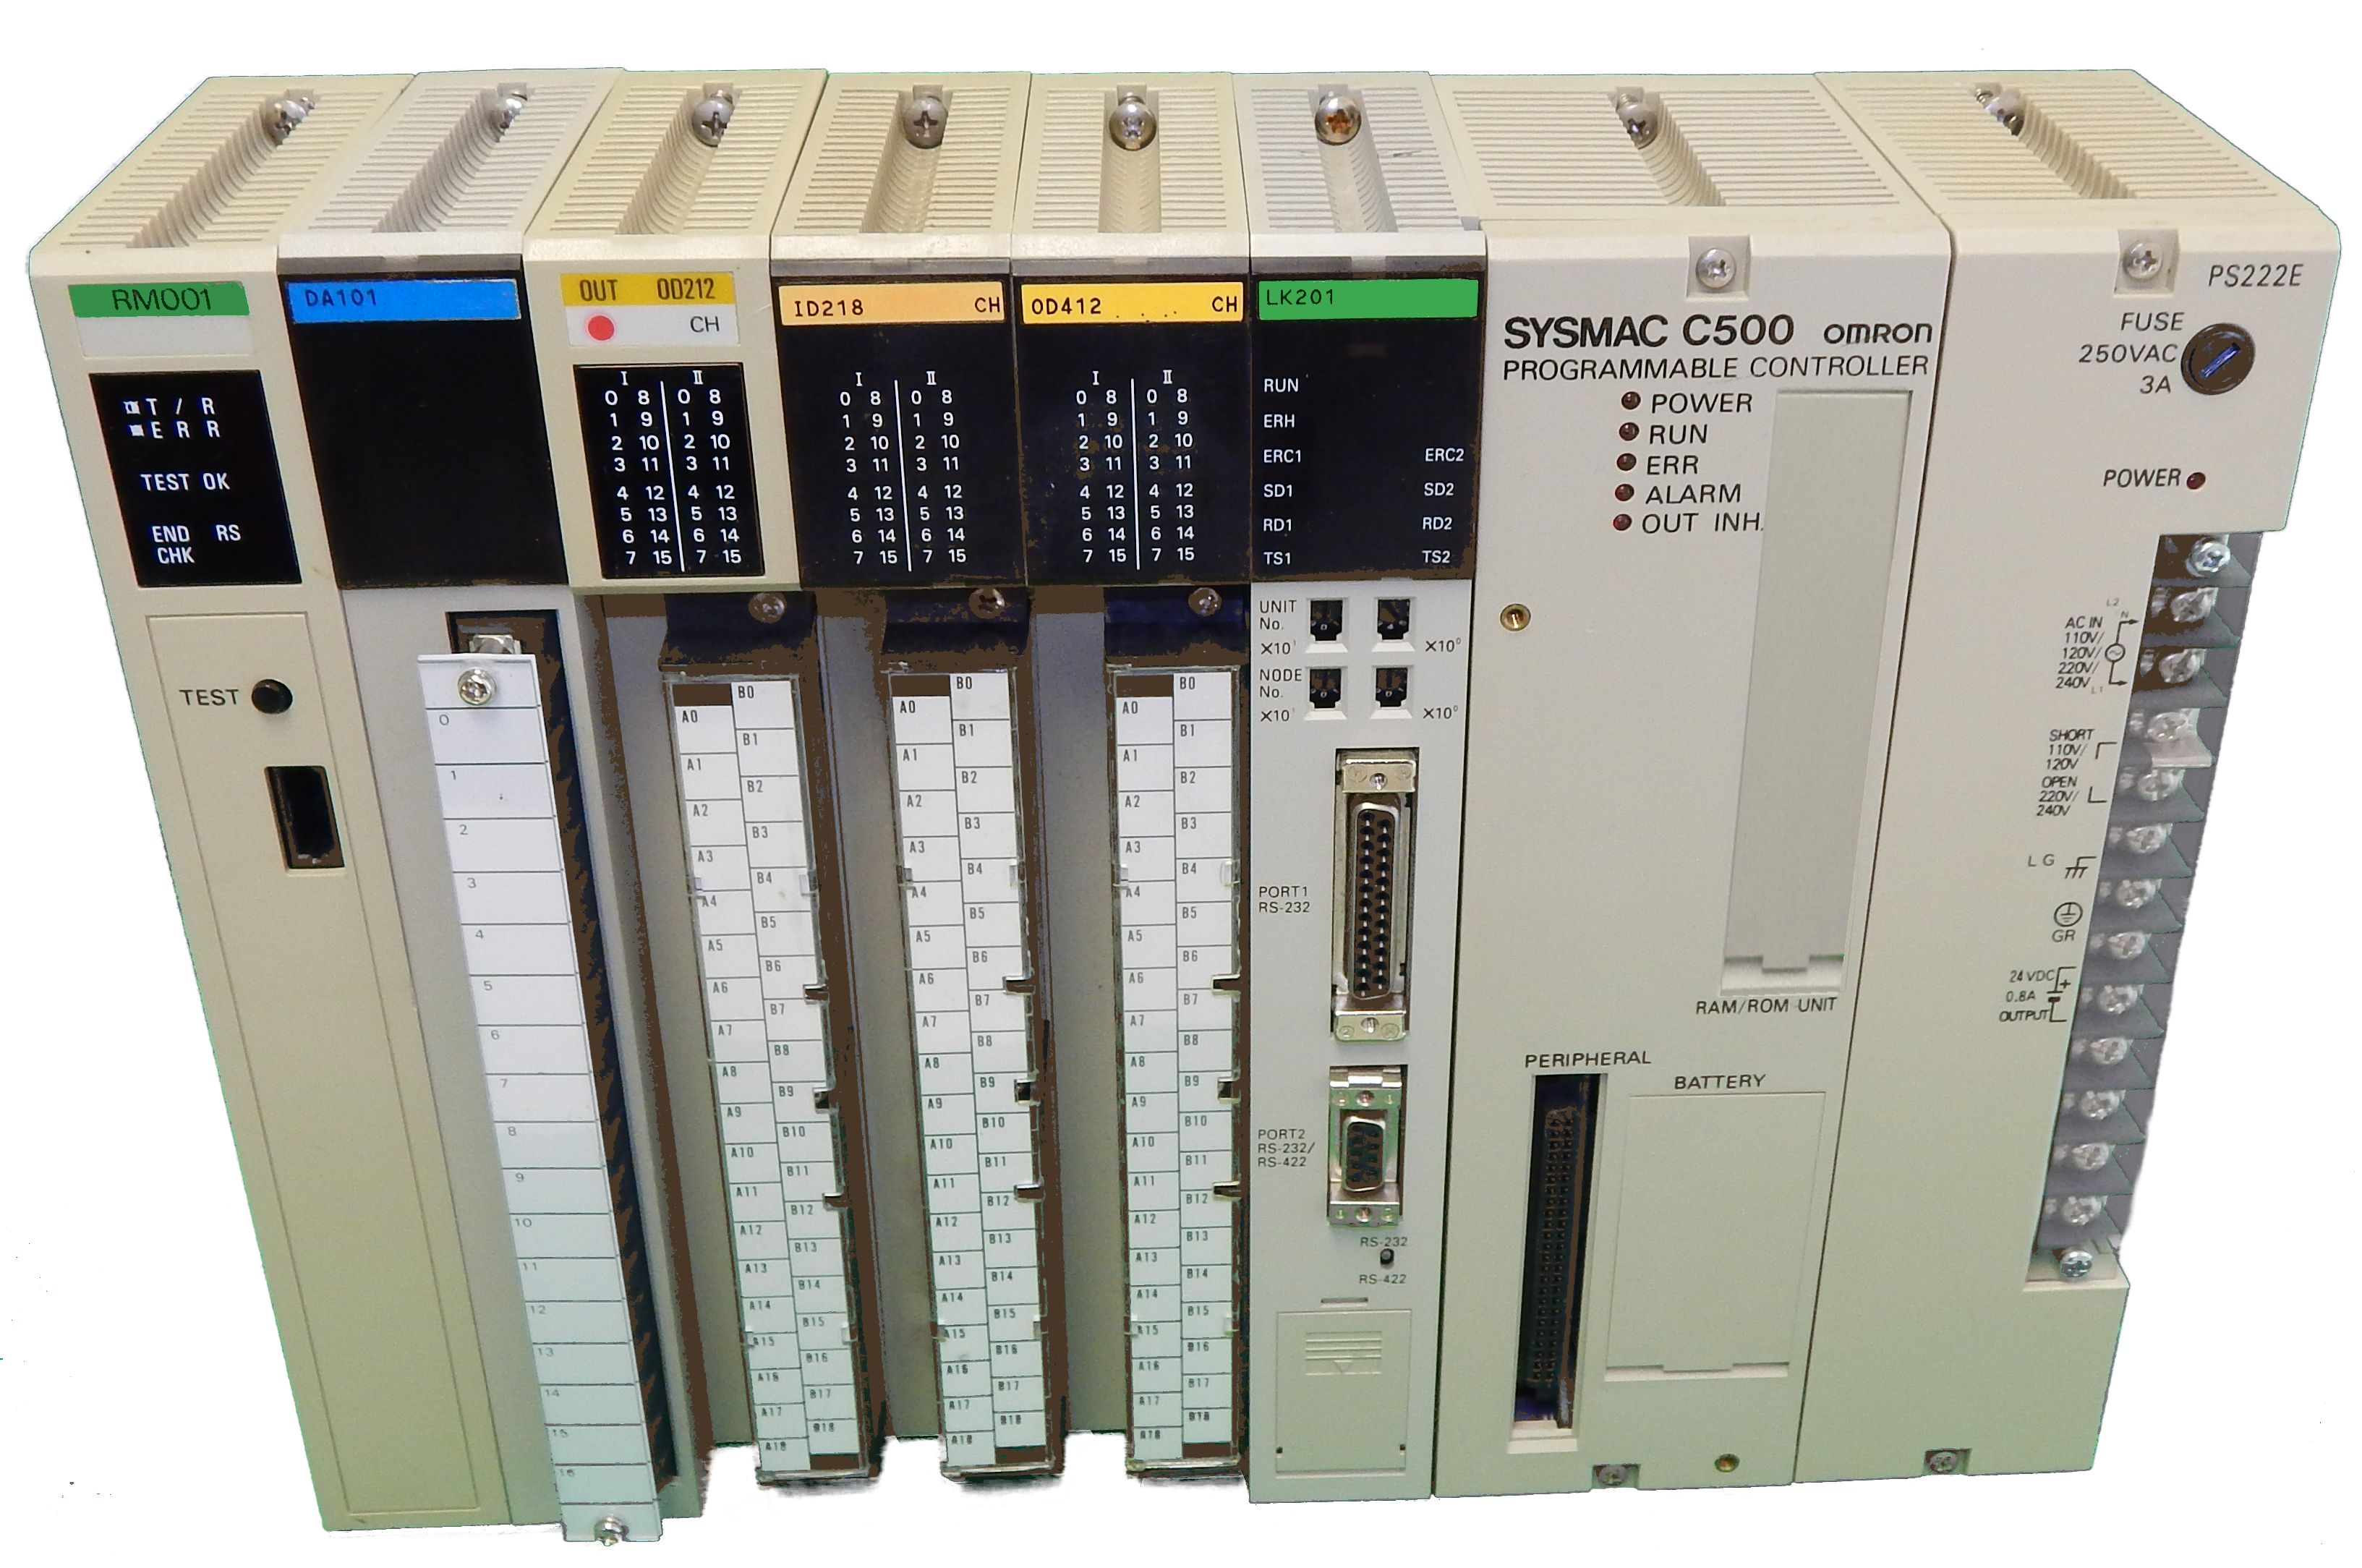 3G2C5-CS001